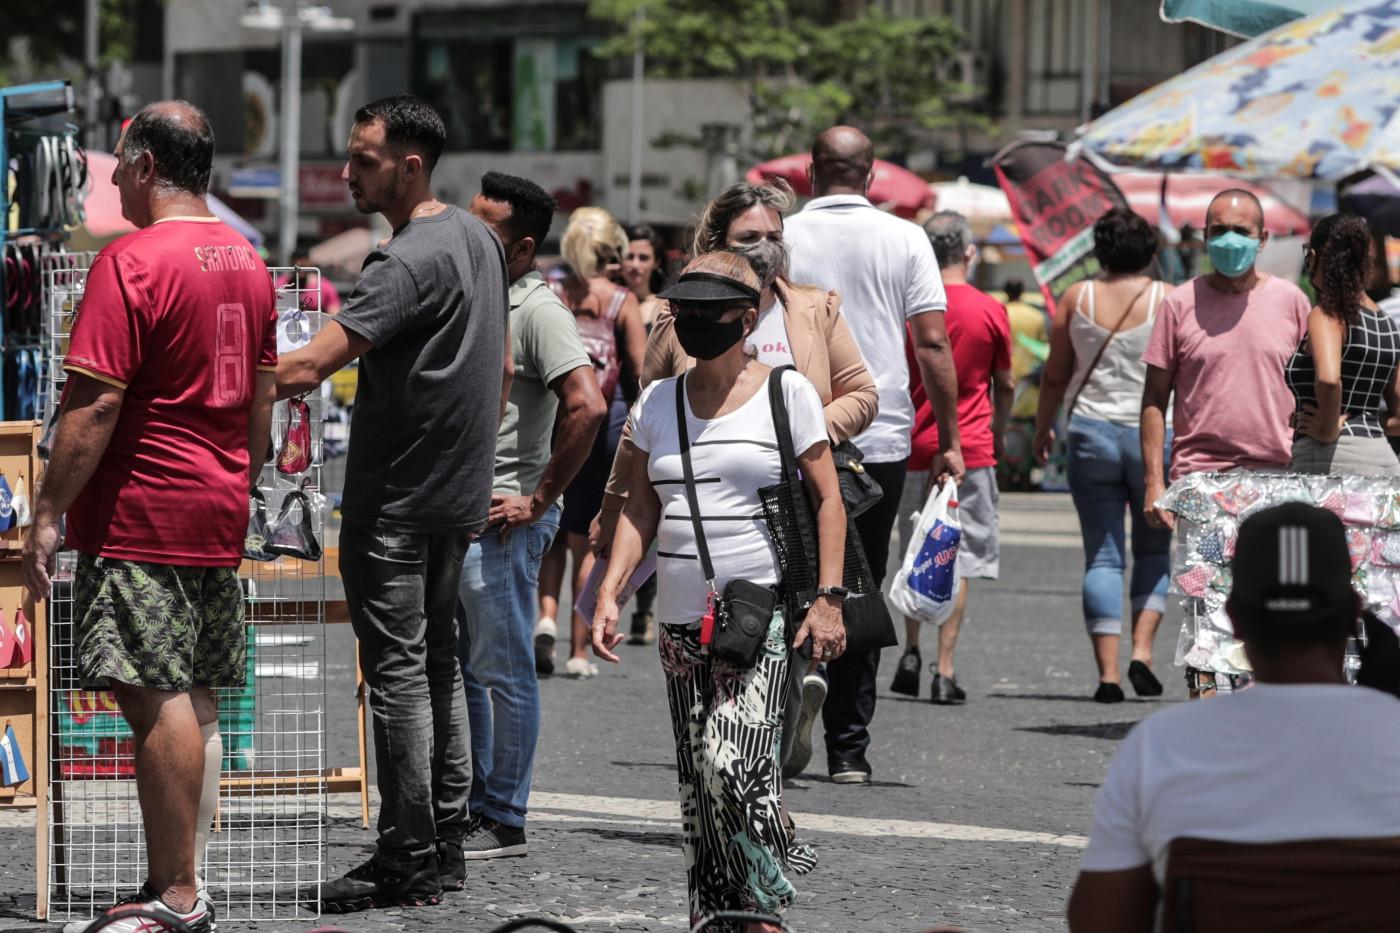 Pessoas caminham no centro do Rio de Janeiro utilizando máscaras de proteção contra a Covid-19